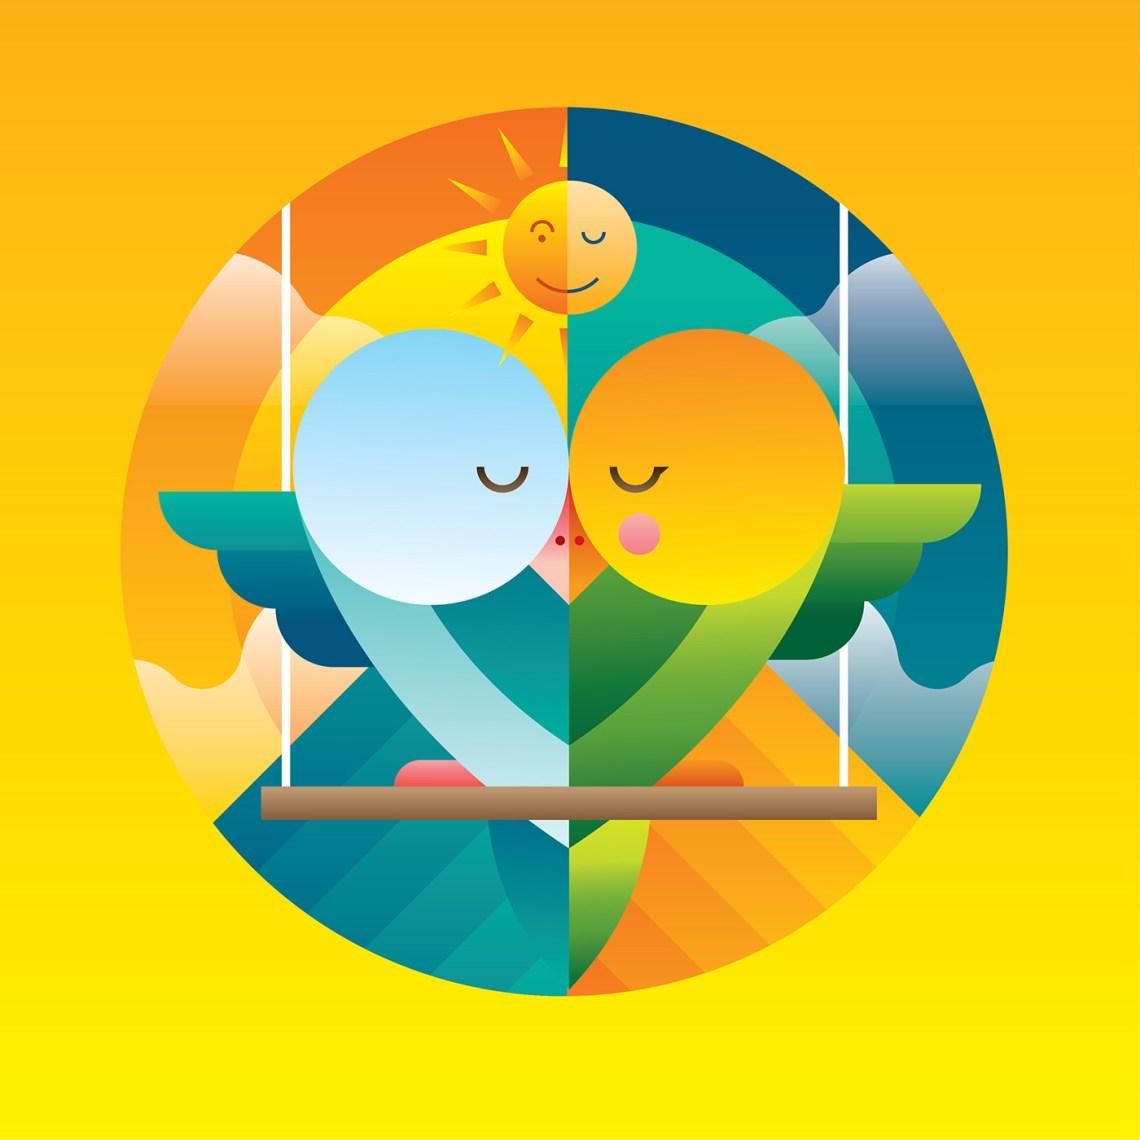 Download Love Bird Illustration Vector - Download Free Vectors ...